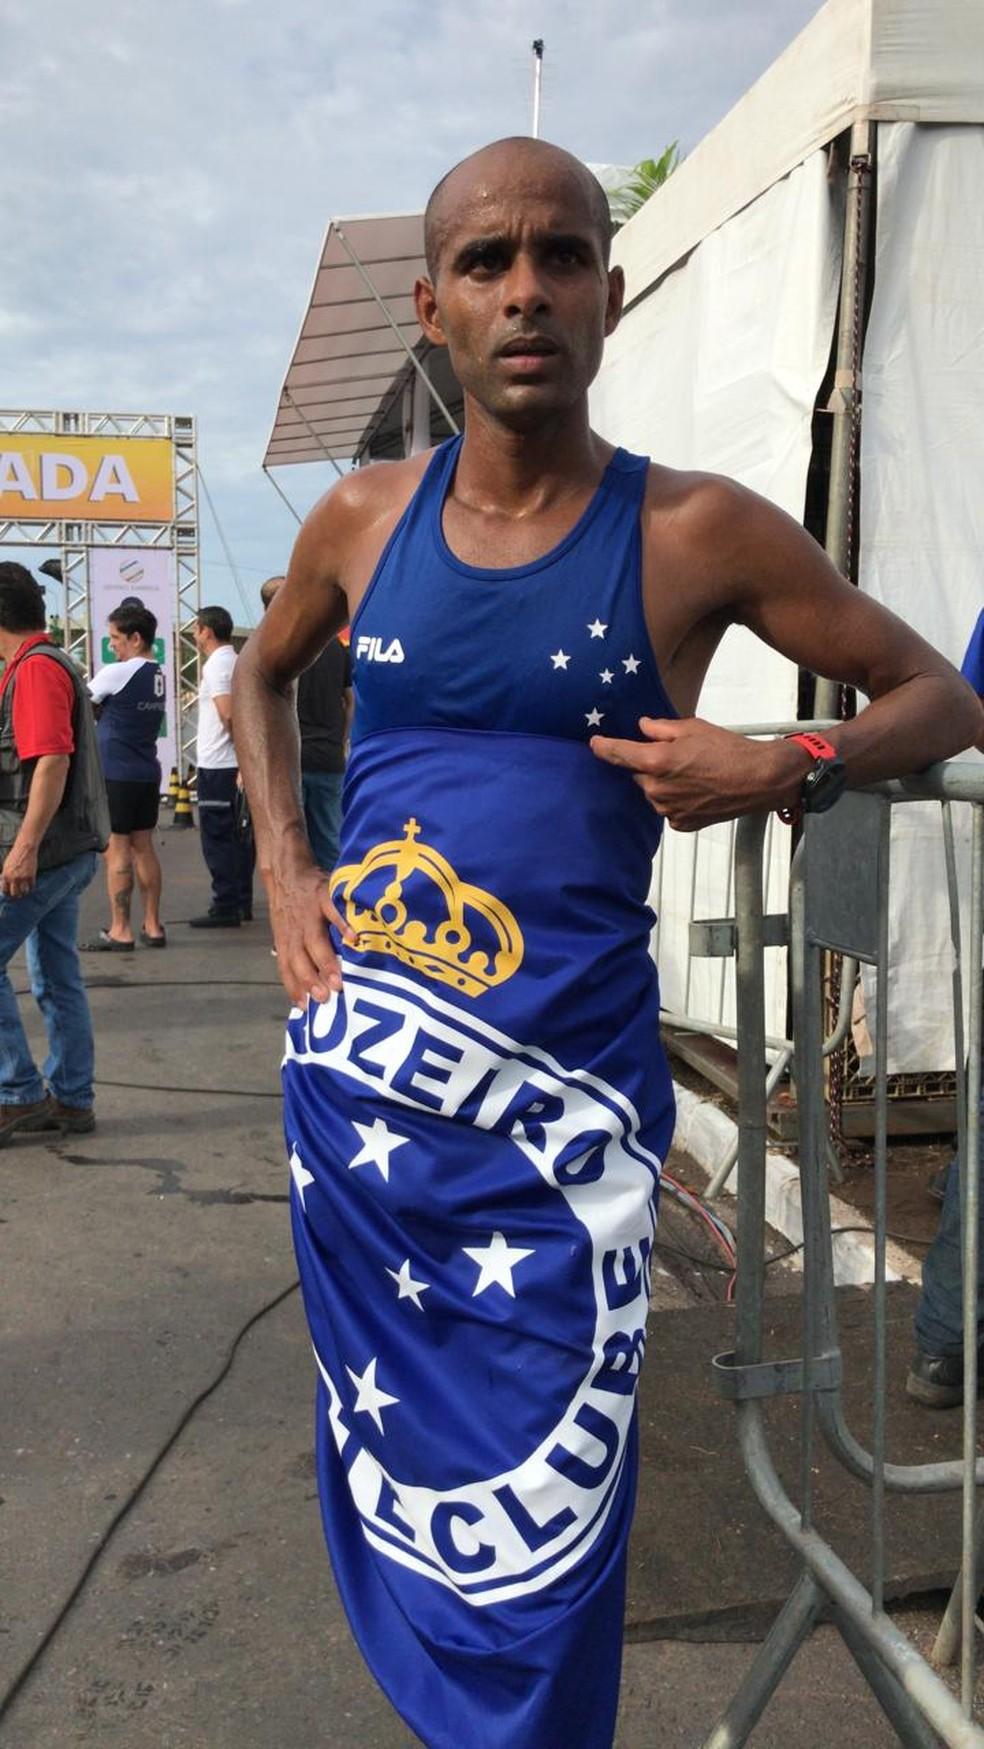 Gilmar Silvestre Lopes, de 27 anos, foi o brasileiro melhor colocado na Corrida de Reis — Foto: André Souza/ G1